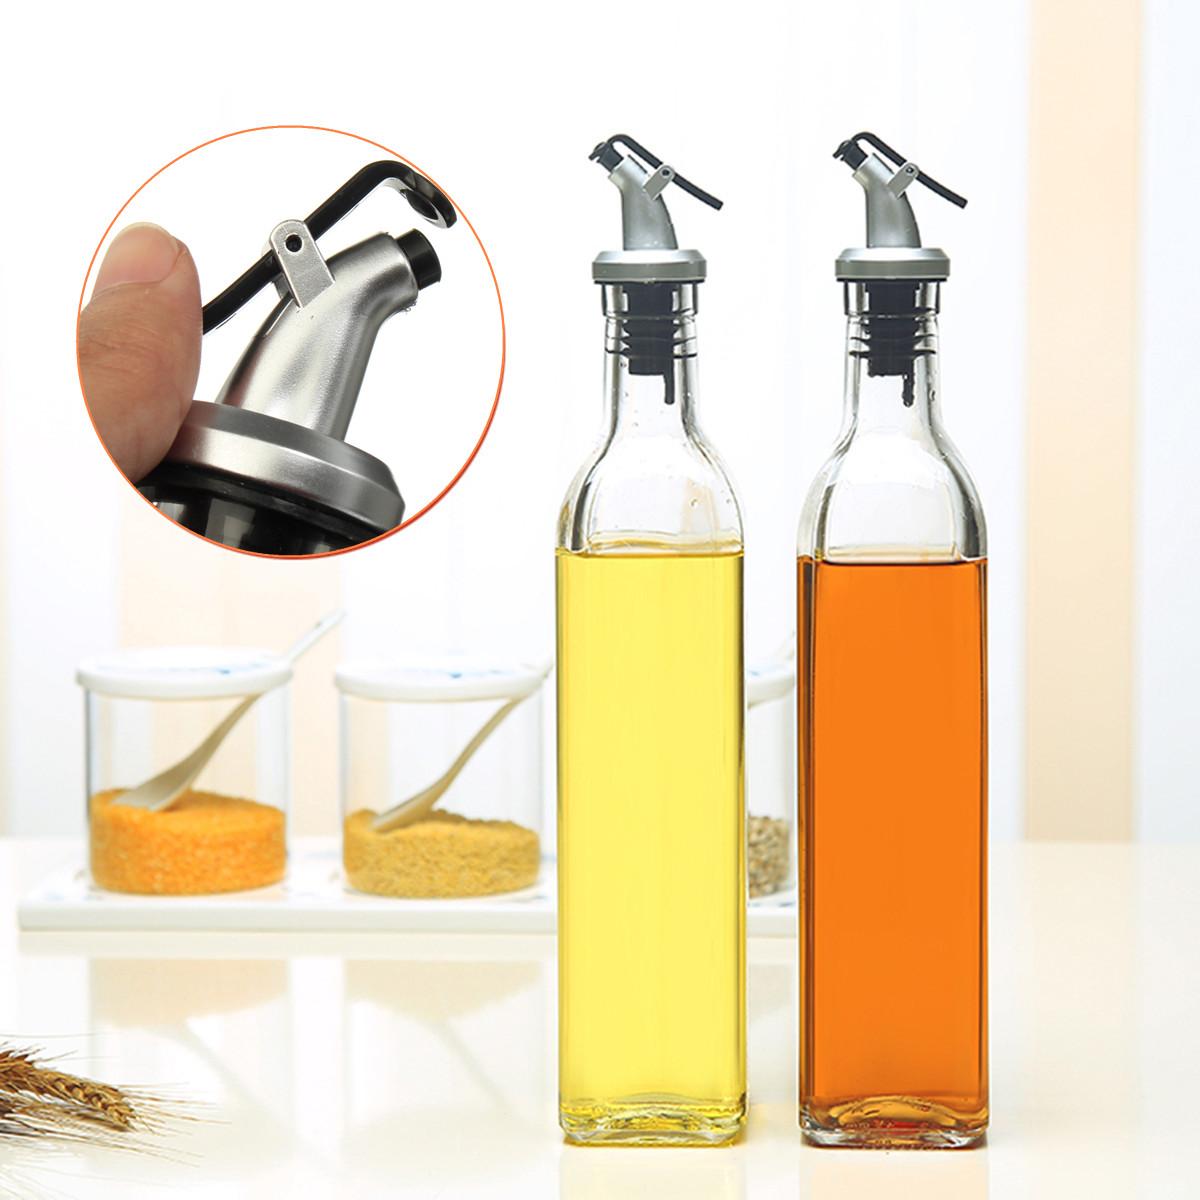 500ml 18oz Glass Olive Oil And Vinegar Dispenser Pourer Bottle Filler Kitchen Cooking Tools